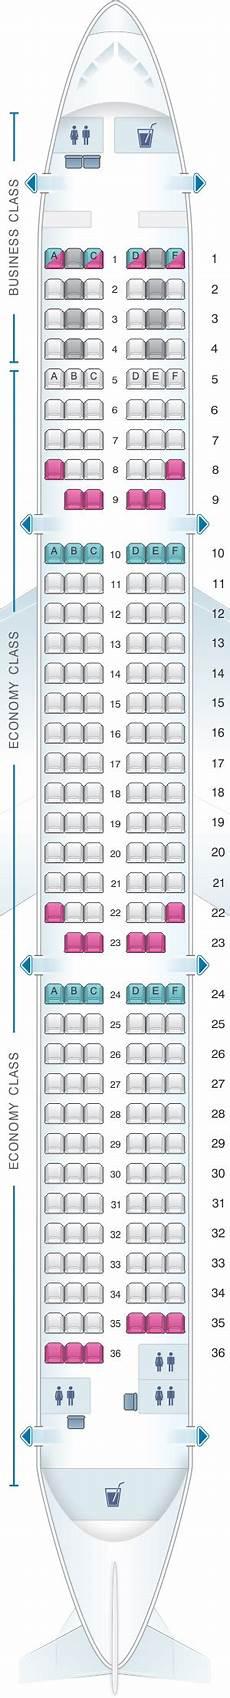 Alitalia Flight 631 Seating Chart Seat Map Finnair Airbus A321 201pax Air Transat